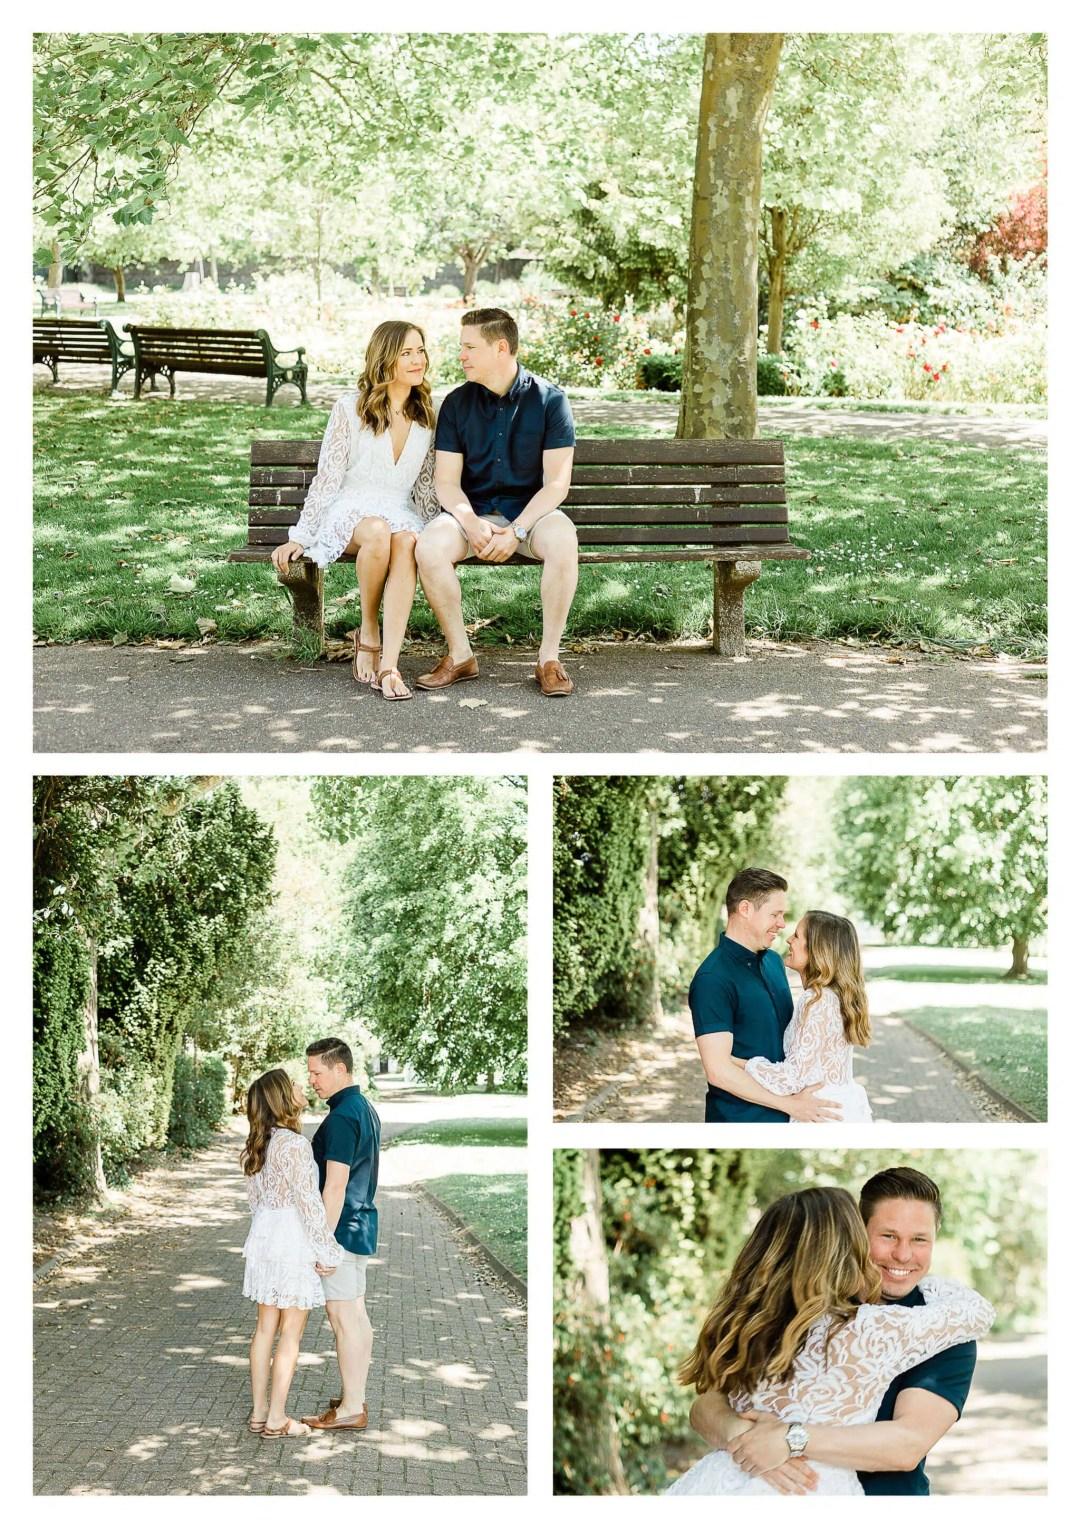 Beach House Park Engagement Photography   Worthing Wedding Photographer